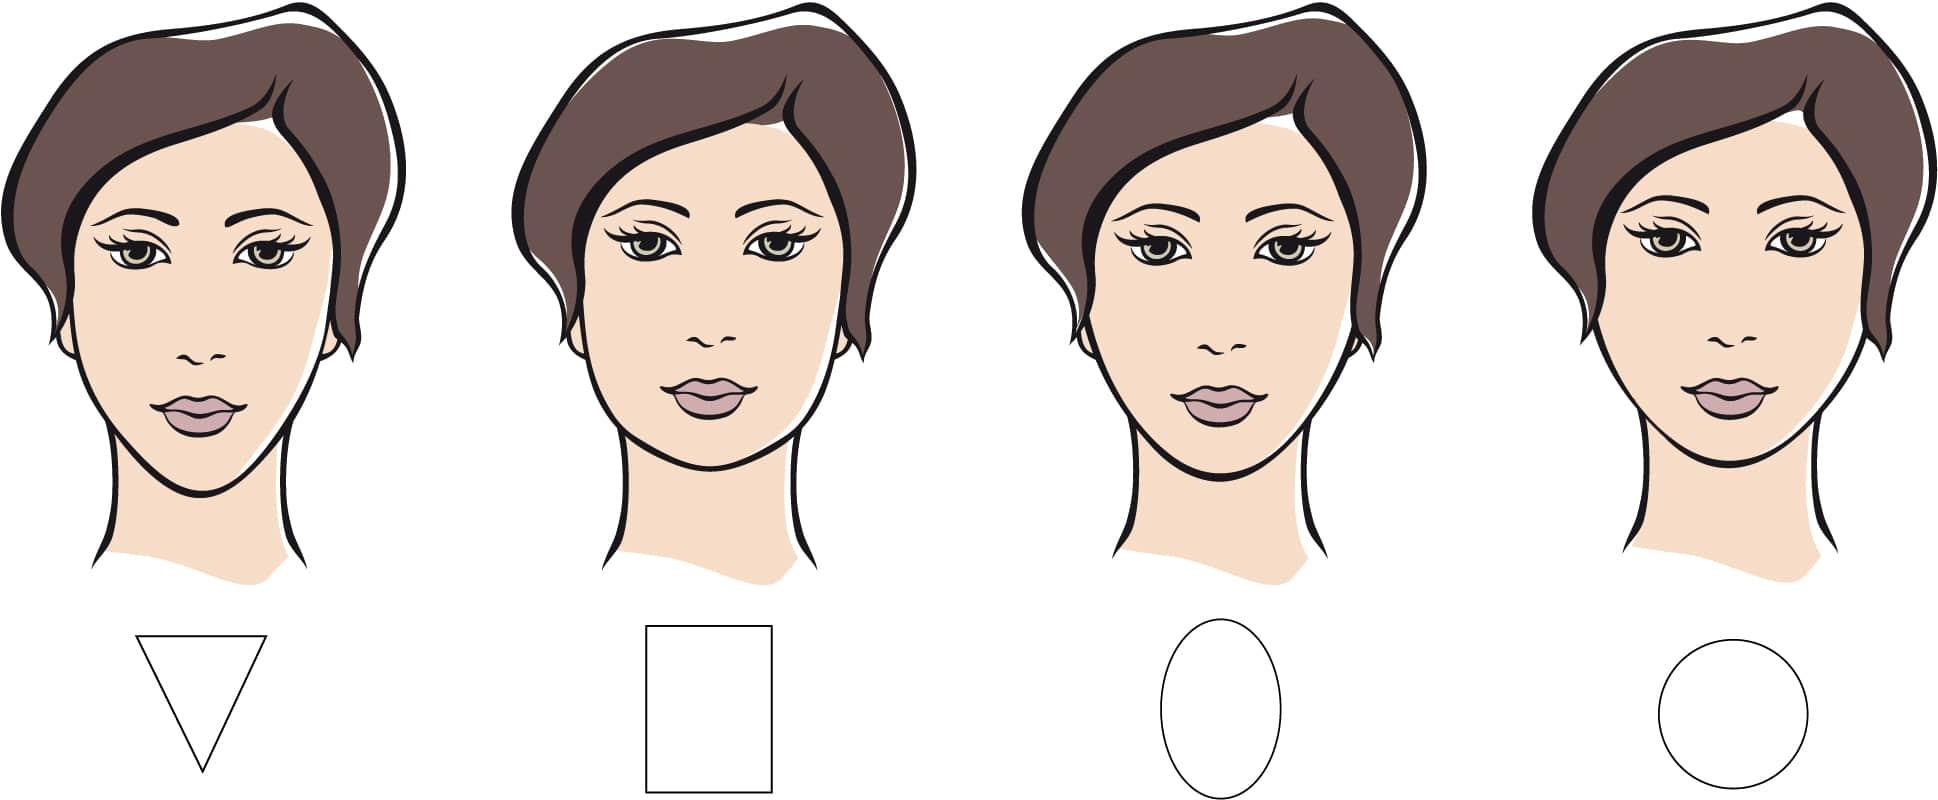 Franja lateral - Qual o modelo ideal pro seu tipo de rosto? Como usar?